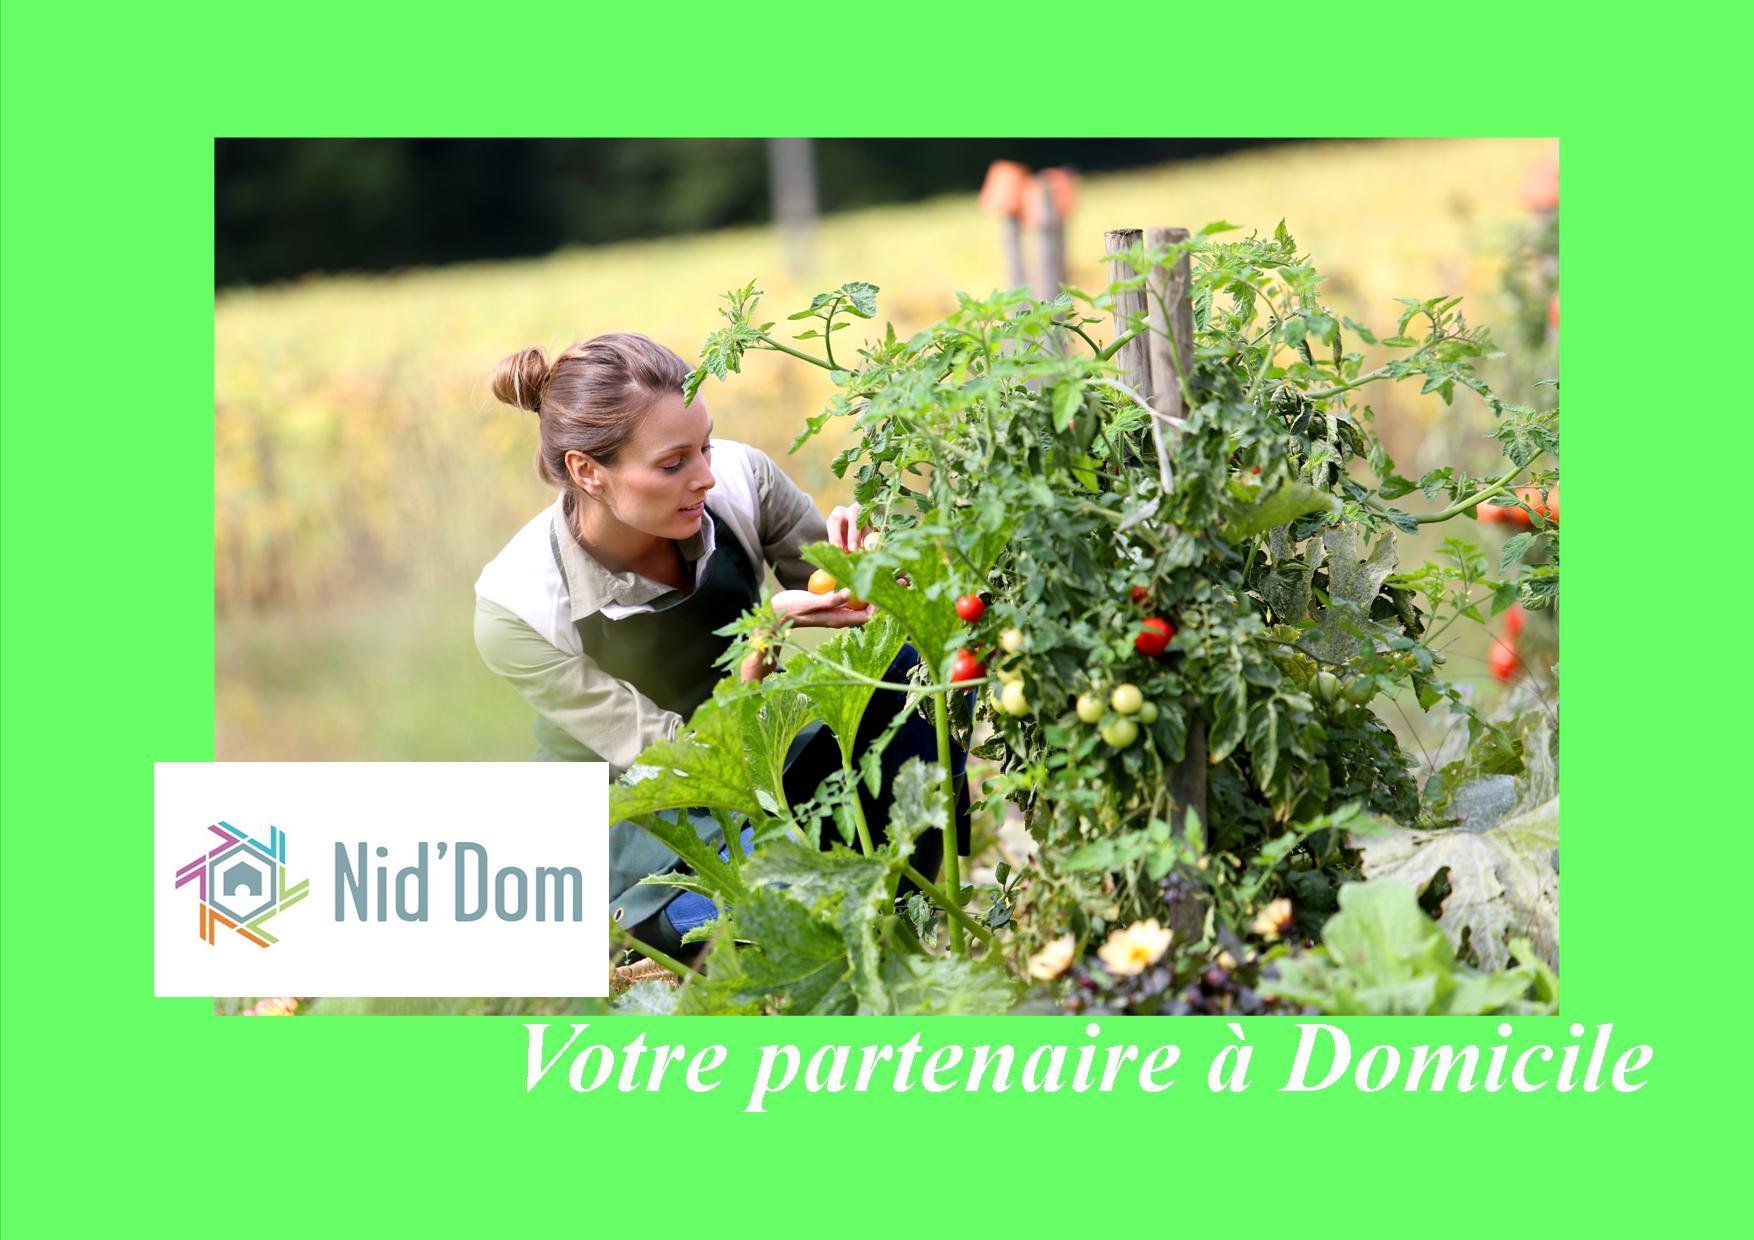 Nid 39 dom vous propose un service jardinage petits travaux for Petit travaux de jardinage